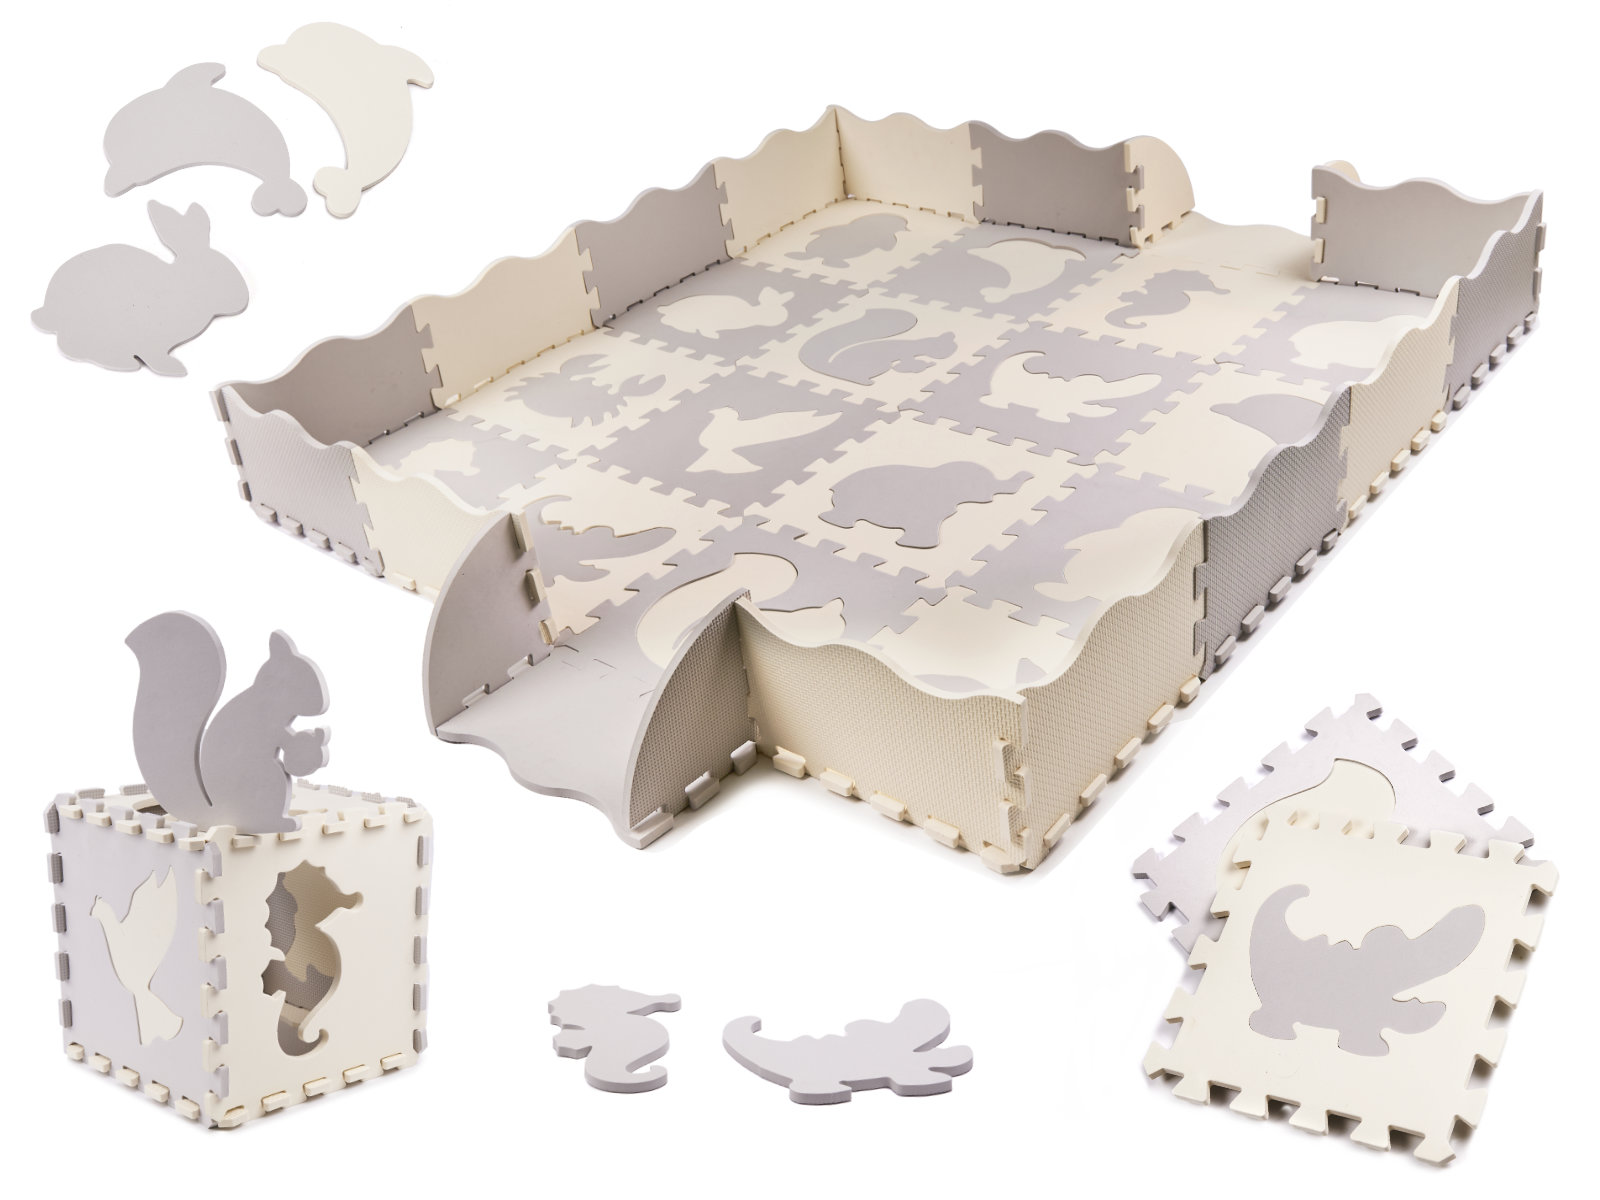 KIK Kontrastné penové puzzle 30 x 30 cm, 36 ks šedá, krémová